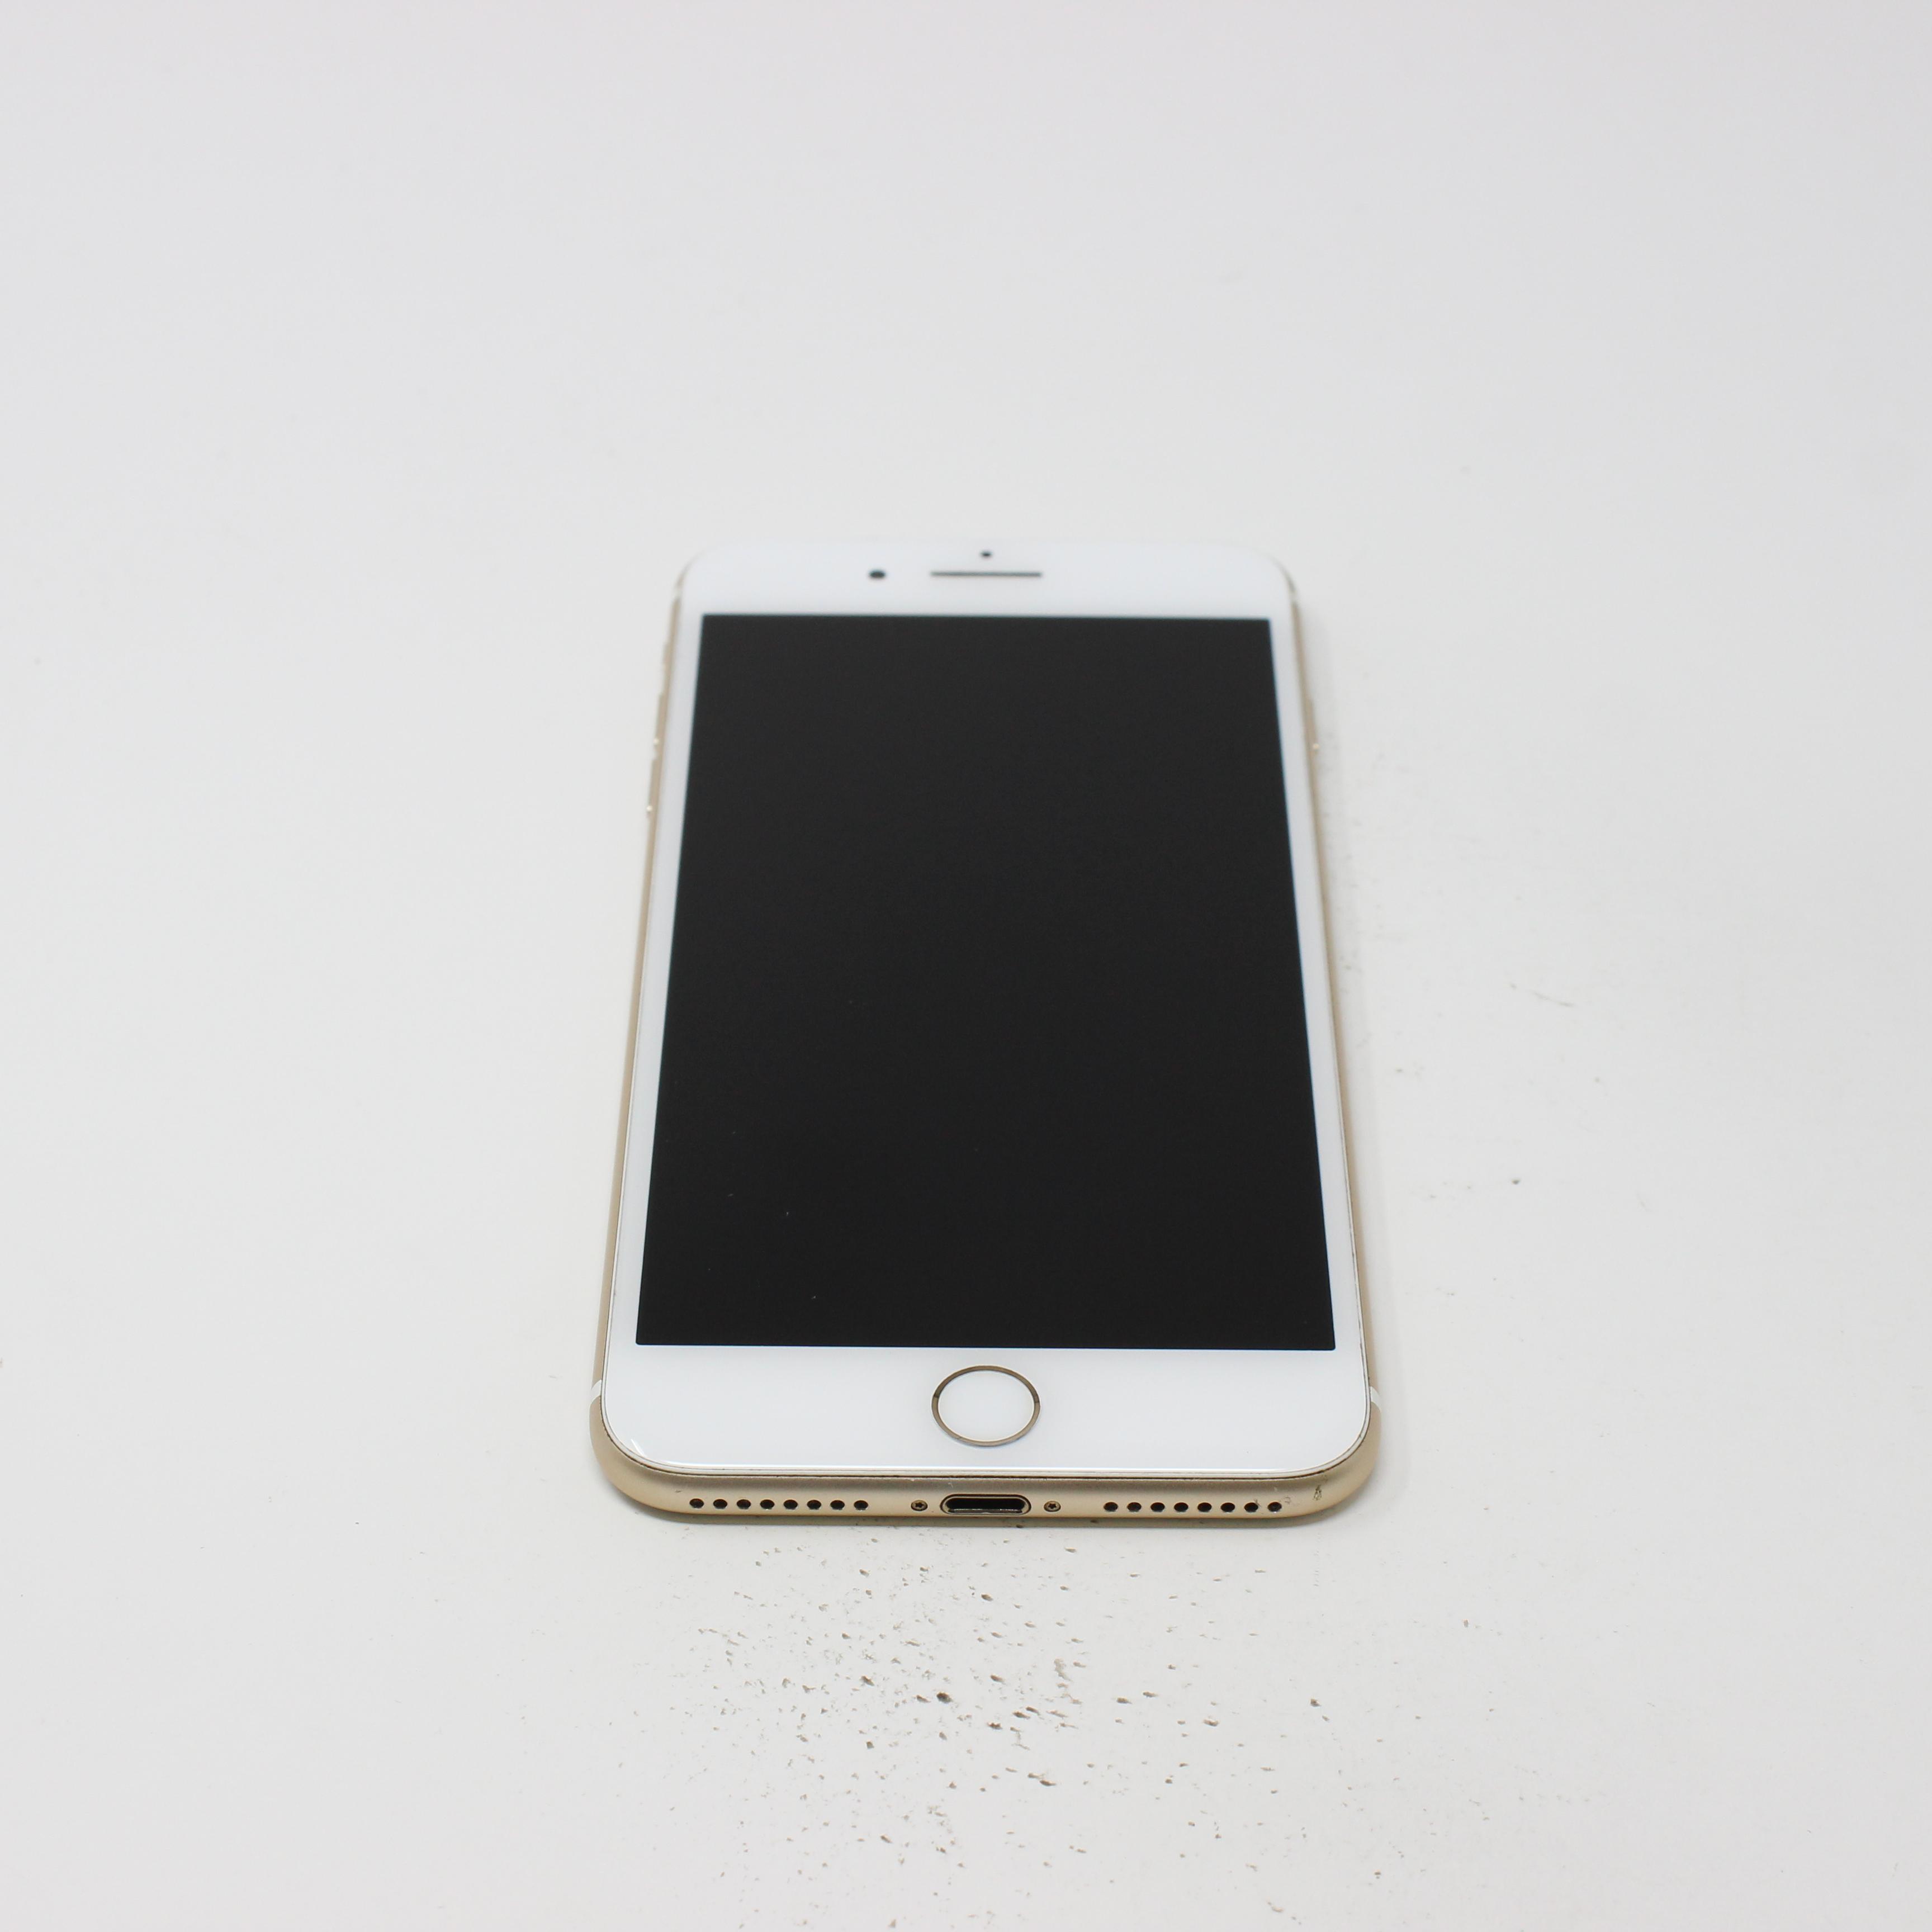 iPhone 7 Plus 32GB Gold - Verizon photo 2   UpTradeit.com